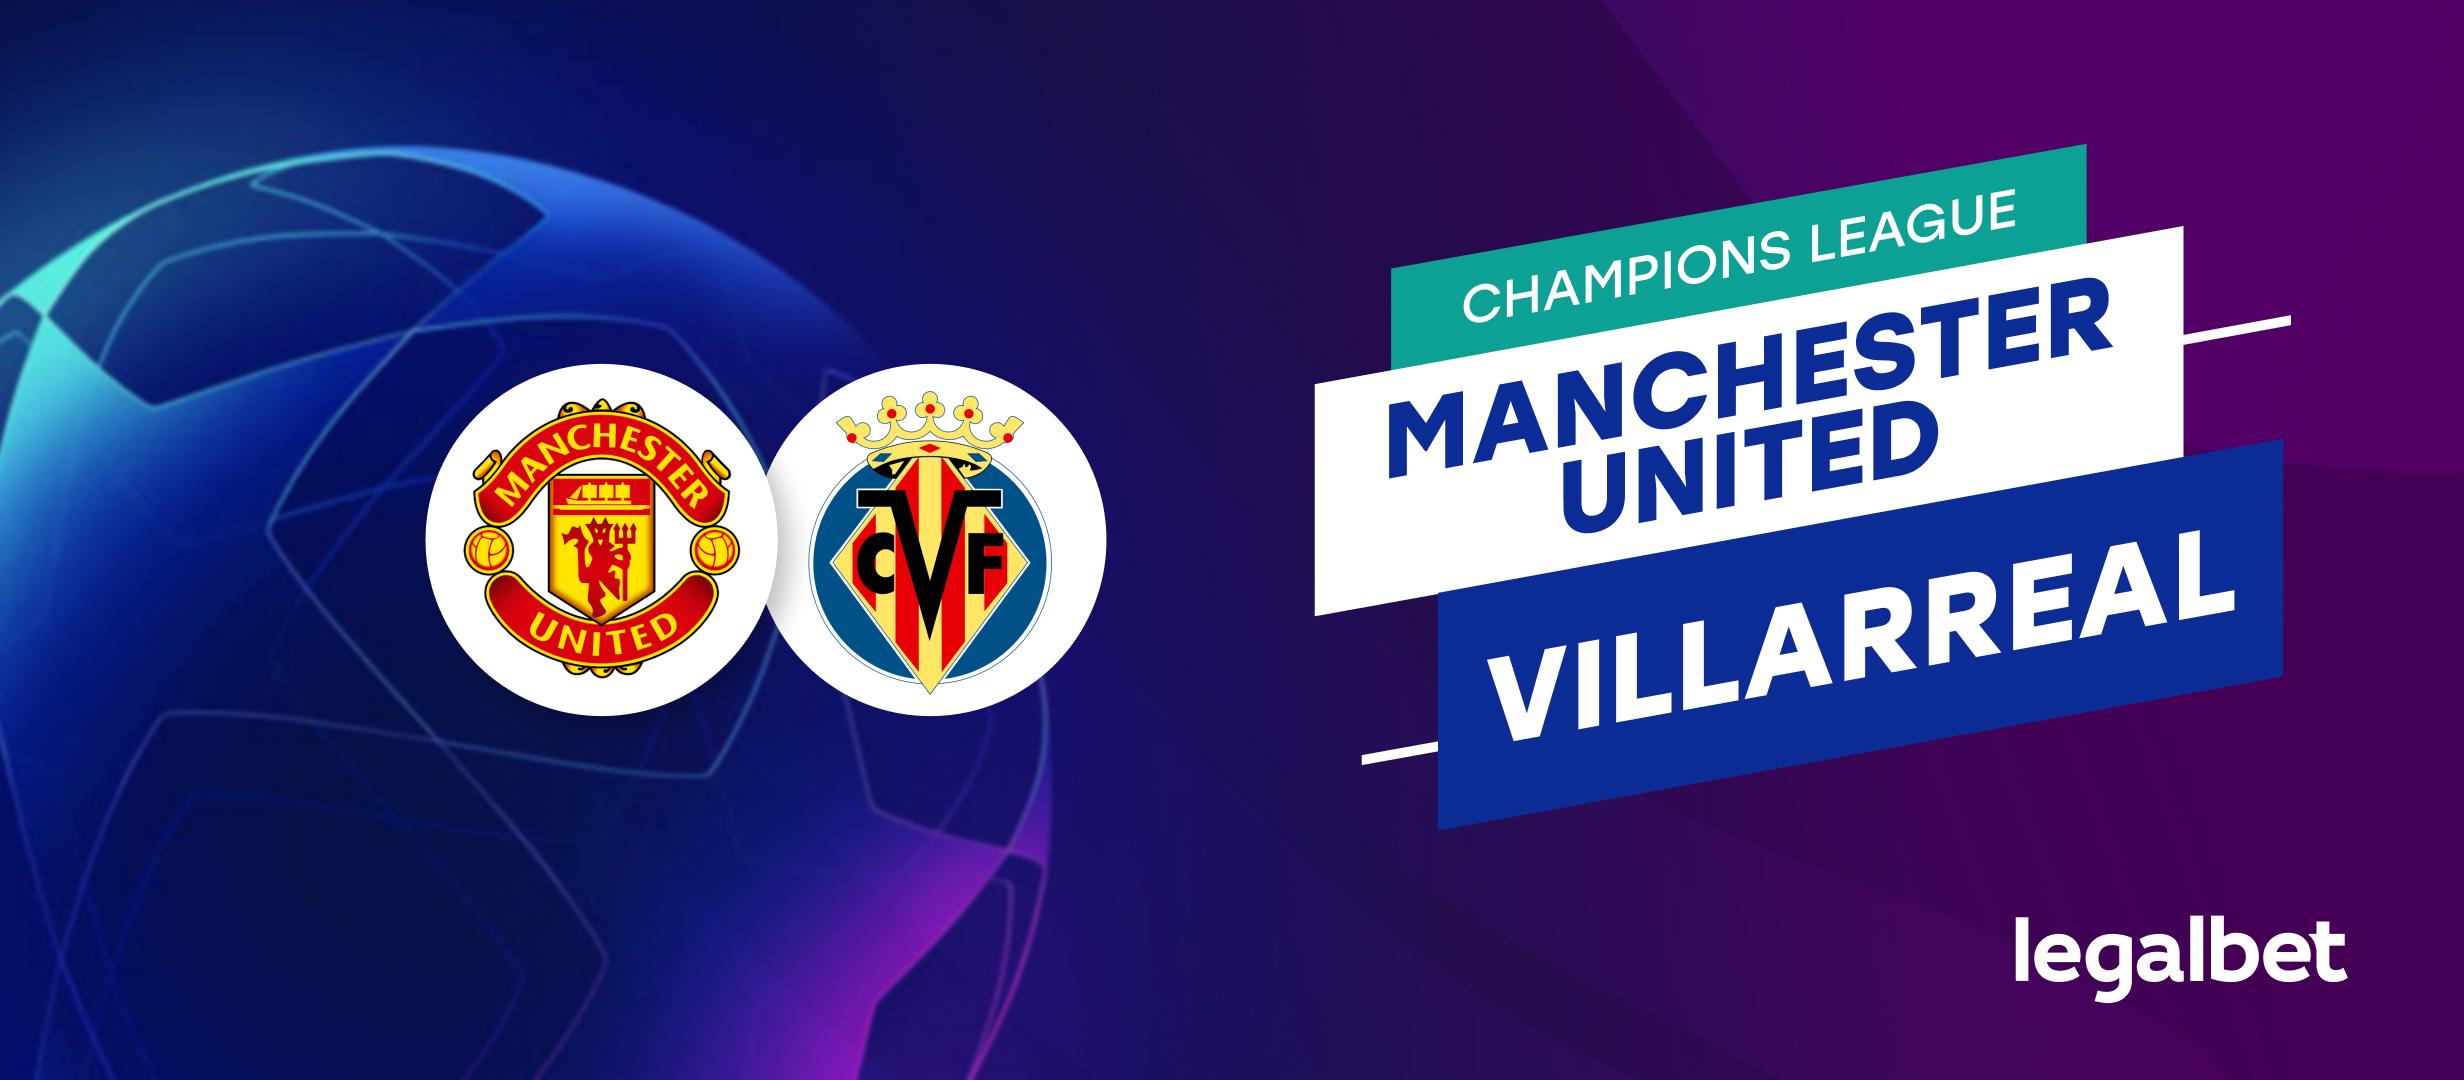 Apuestas y cuotas Manchester United - Villarreal, Champions League 2021/22